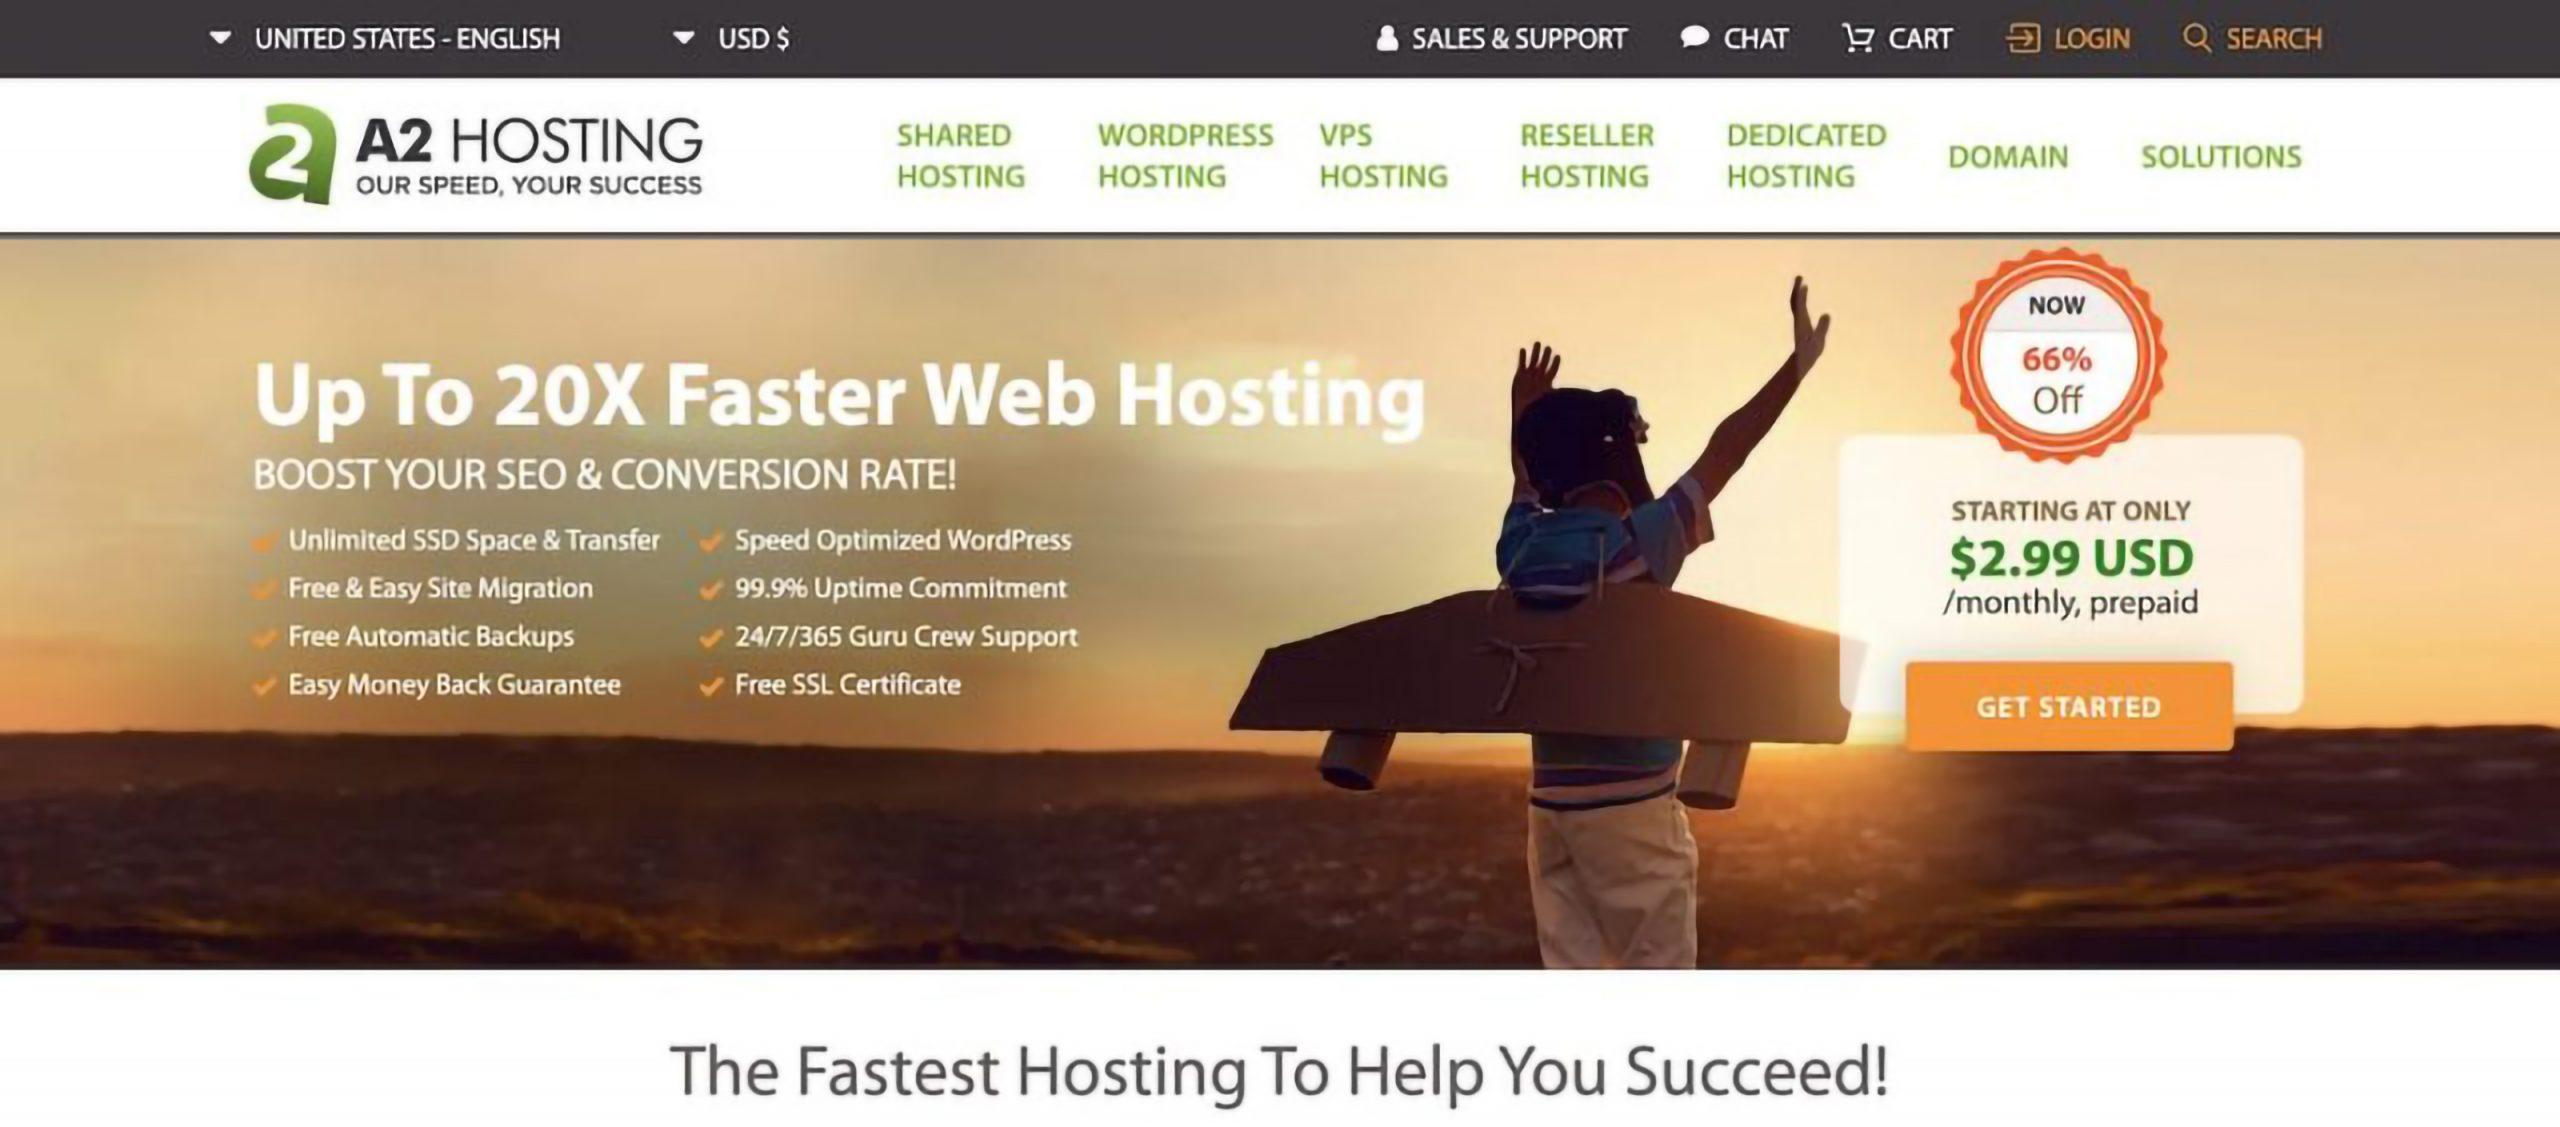 A2 Web Hosting Review